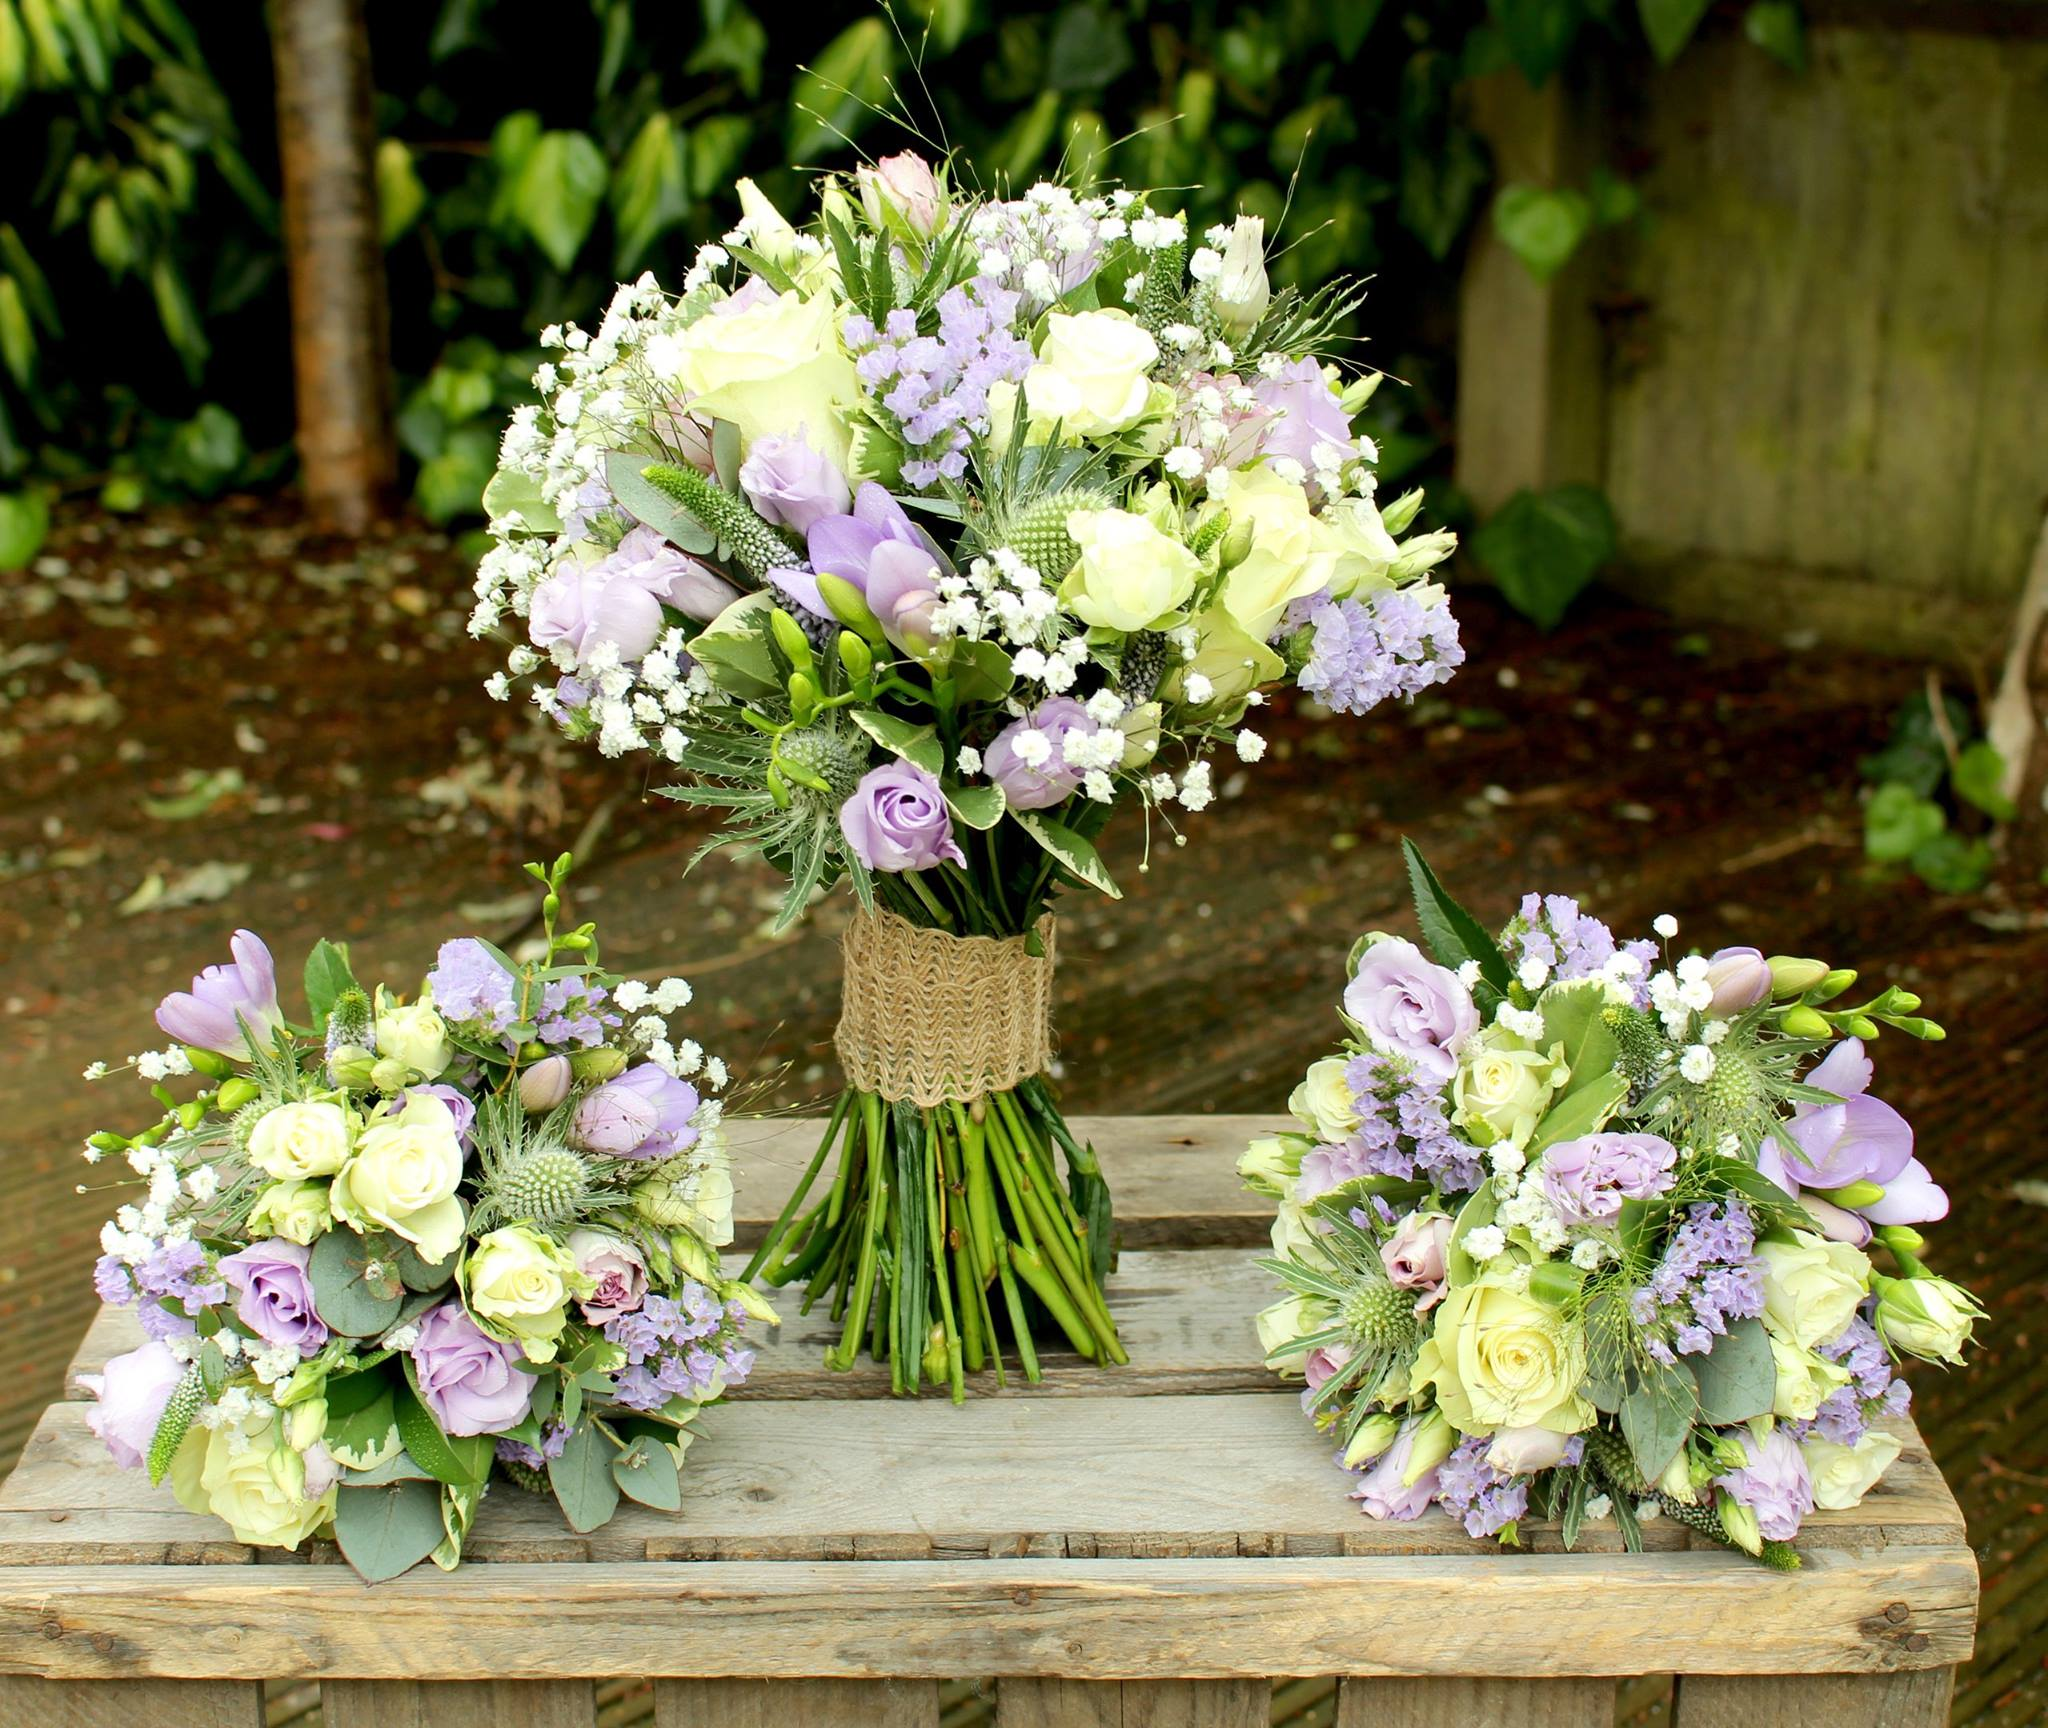 June Wedding Flowers: Wedding Flowers